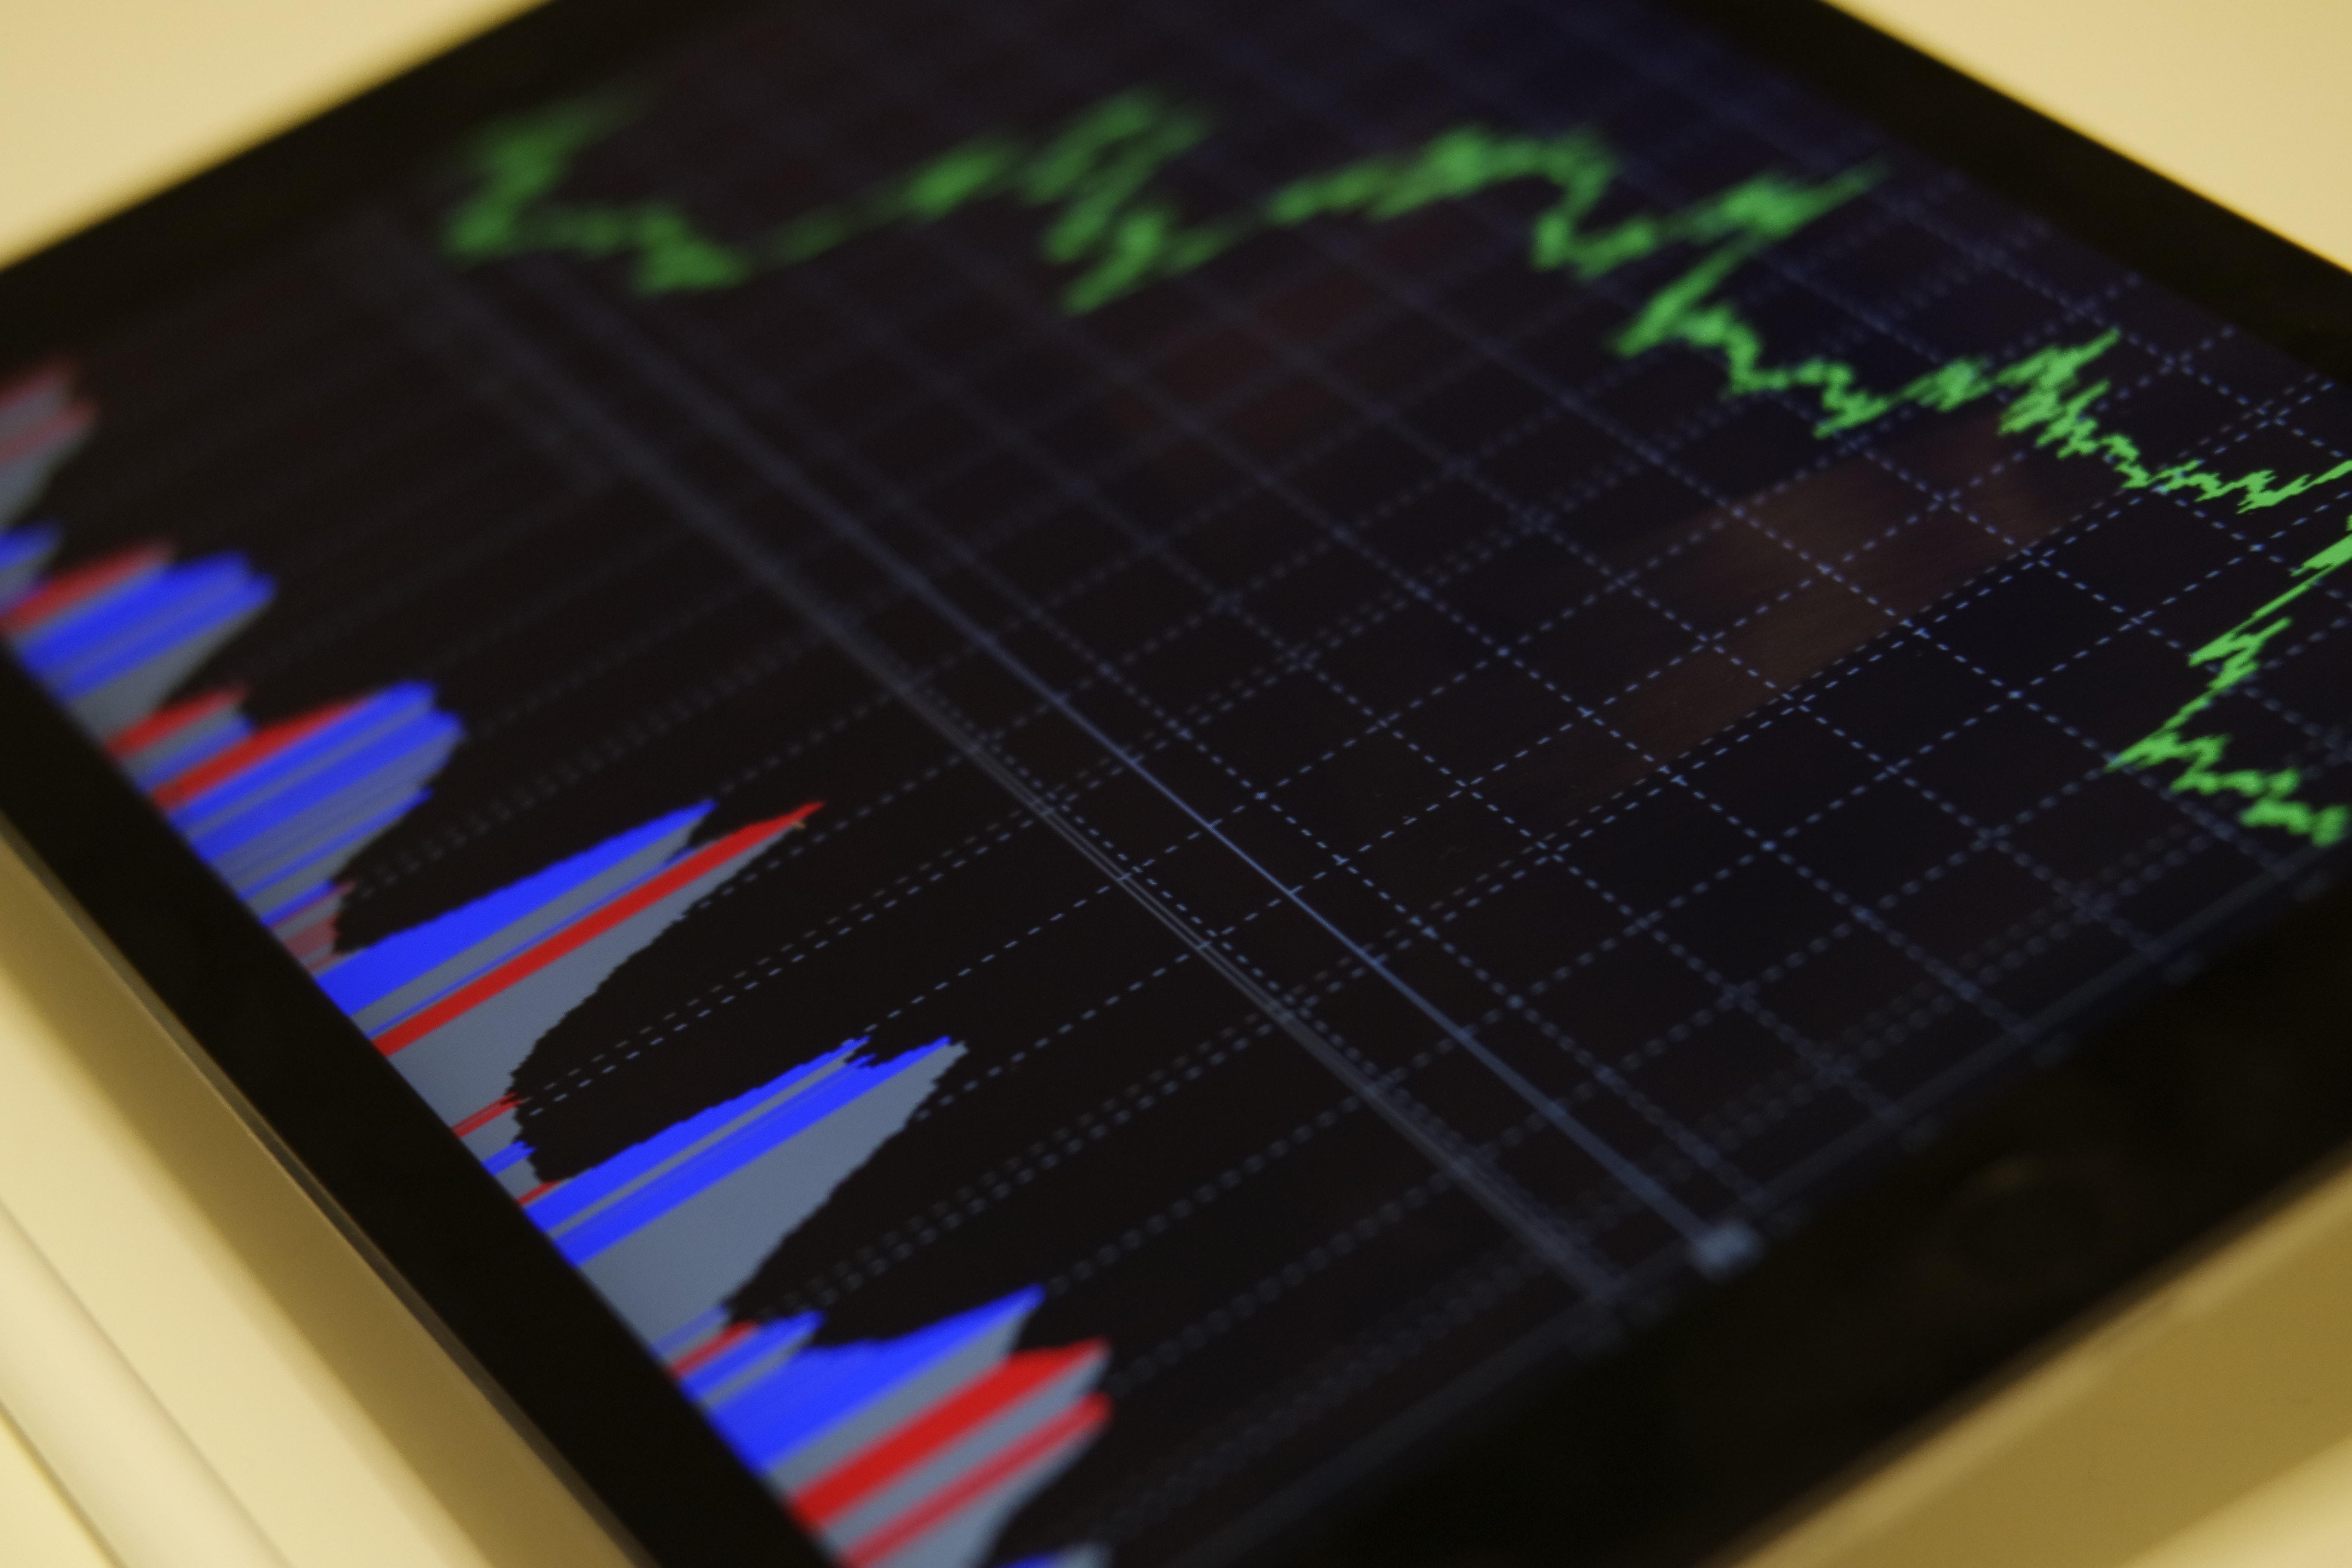 Silicon Valley Technology Advances Into FinTech